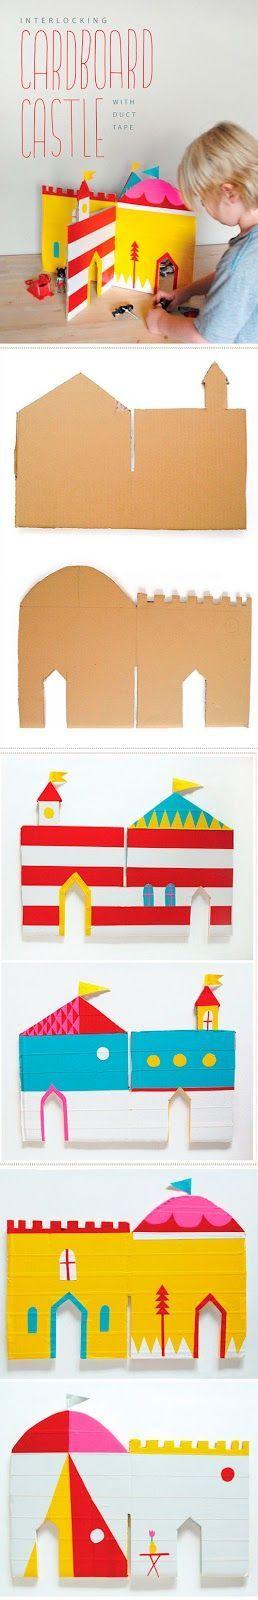 DIY Interlocking cardboard castle bricoler des jouets d'enfants ... pourquoi pas